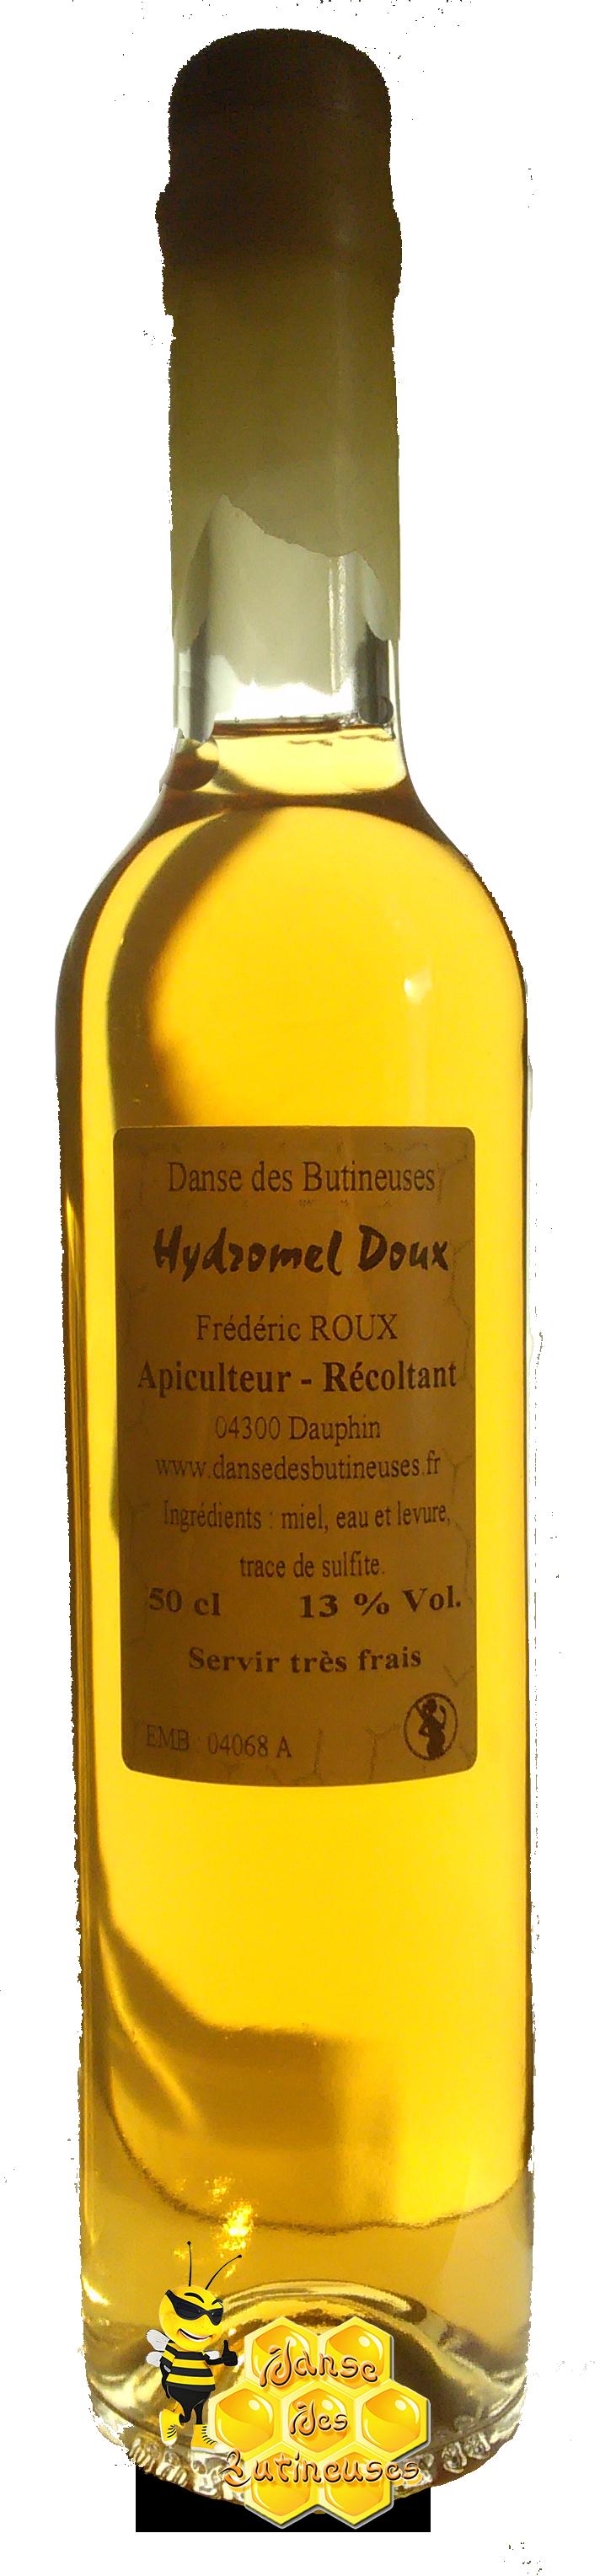 Hydromel Doux - Alc.13% - 50 cl